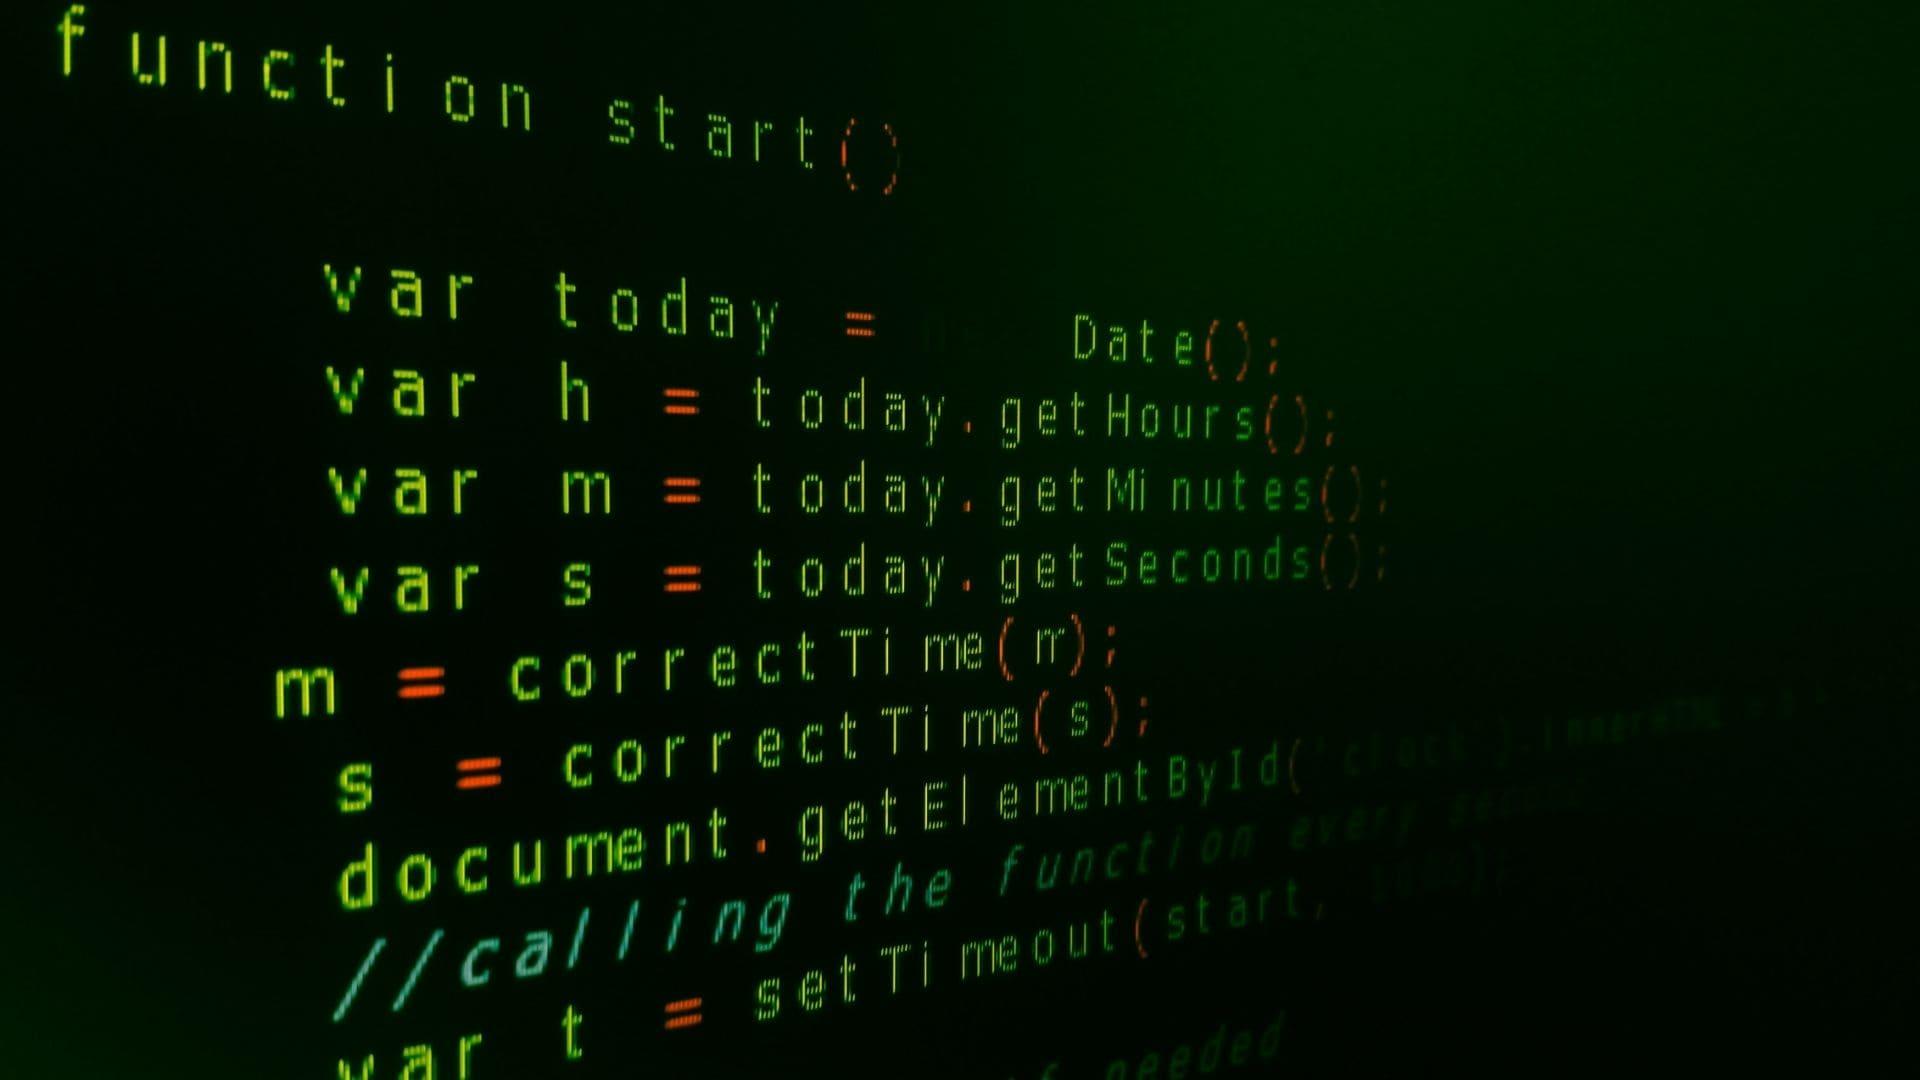 プログラミング教育 意味